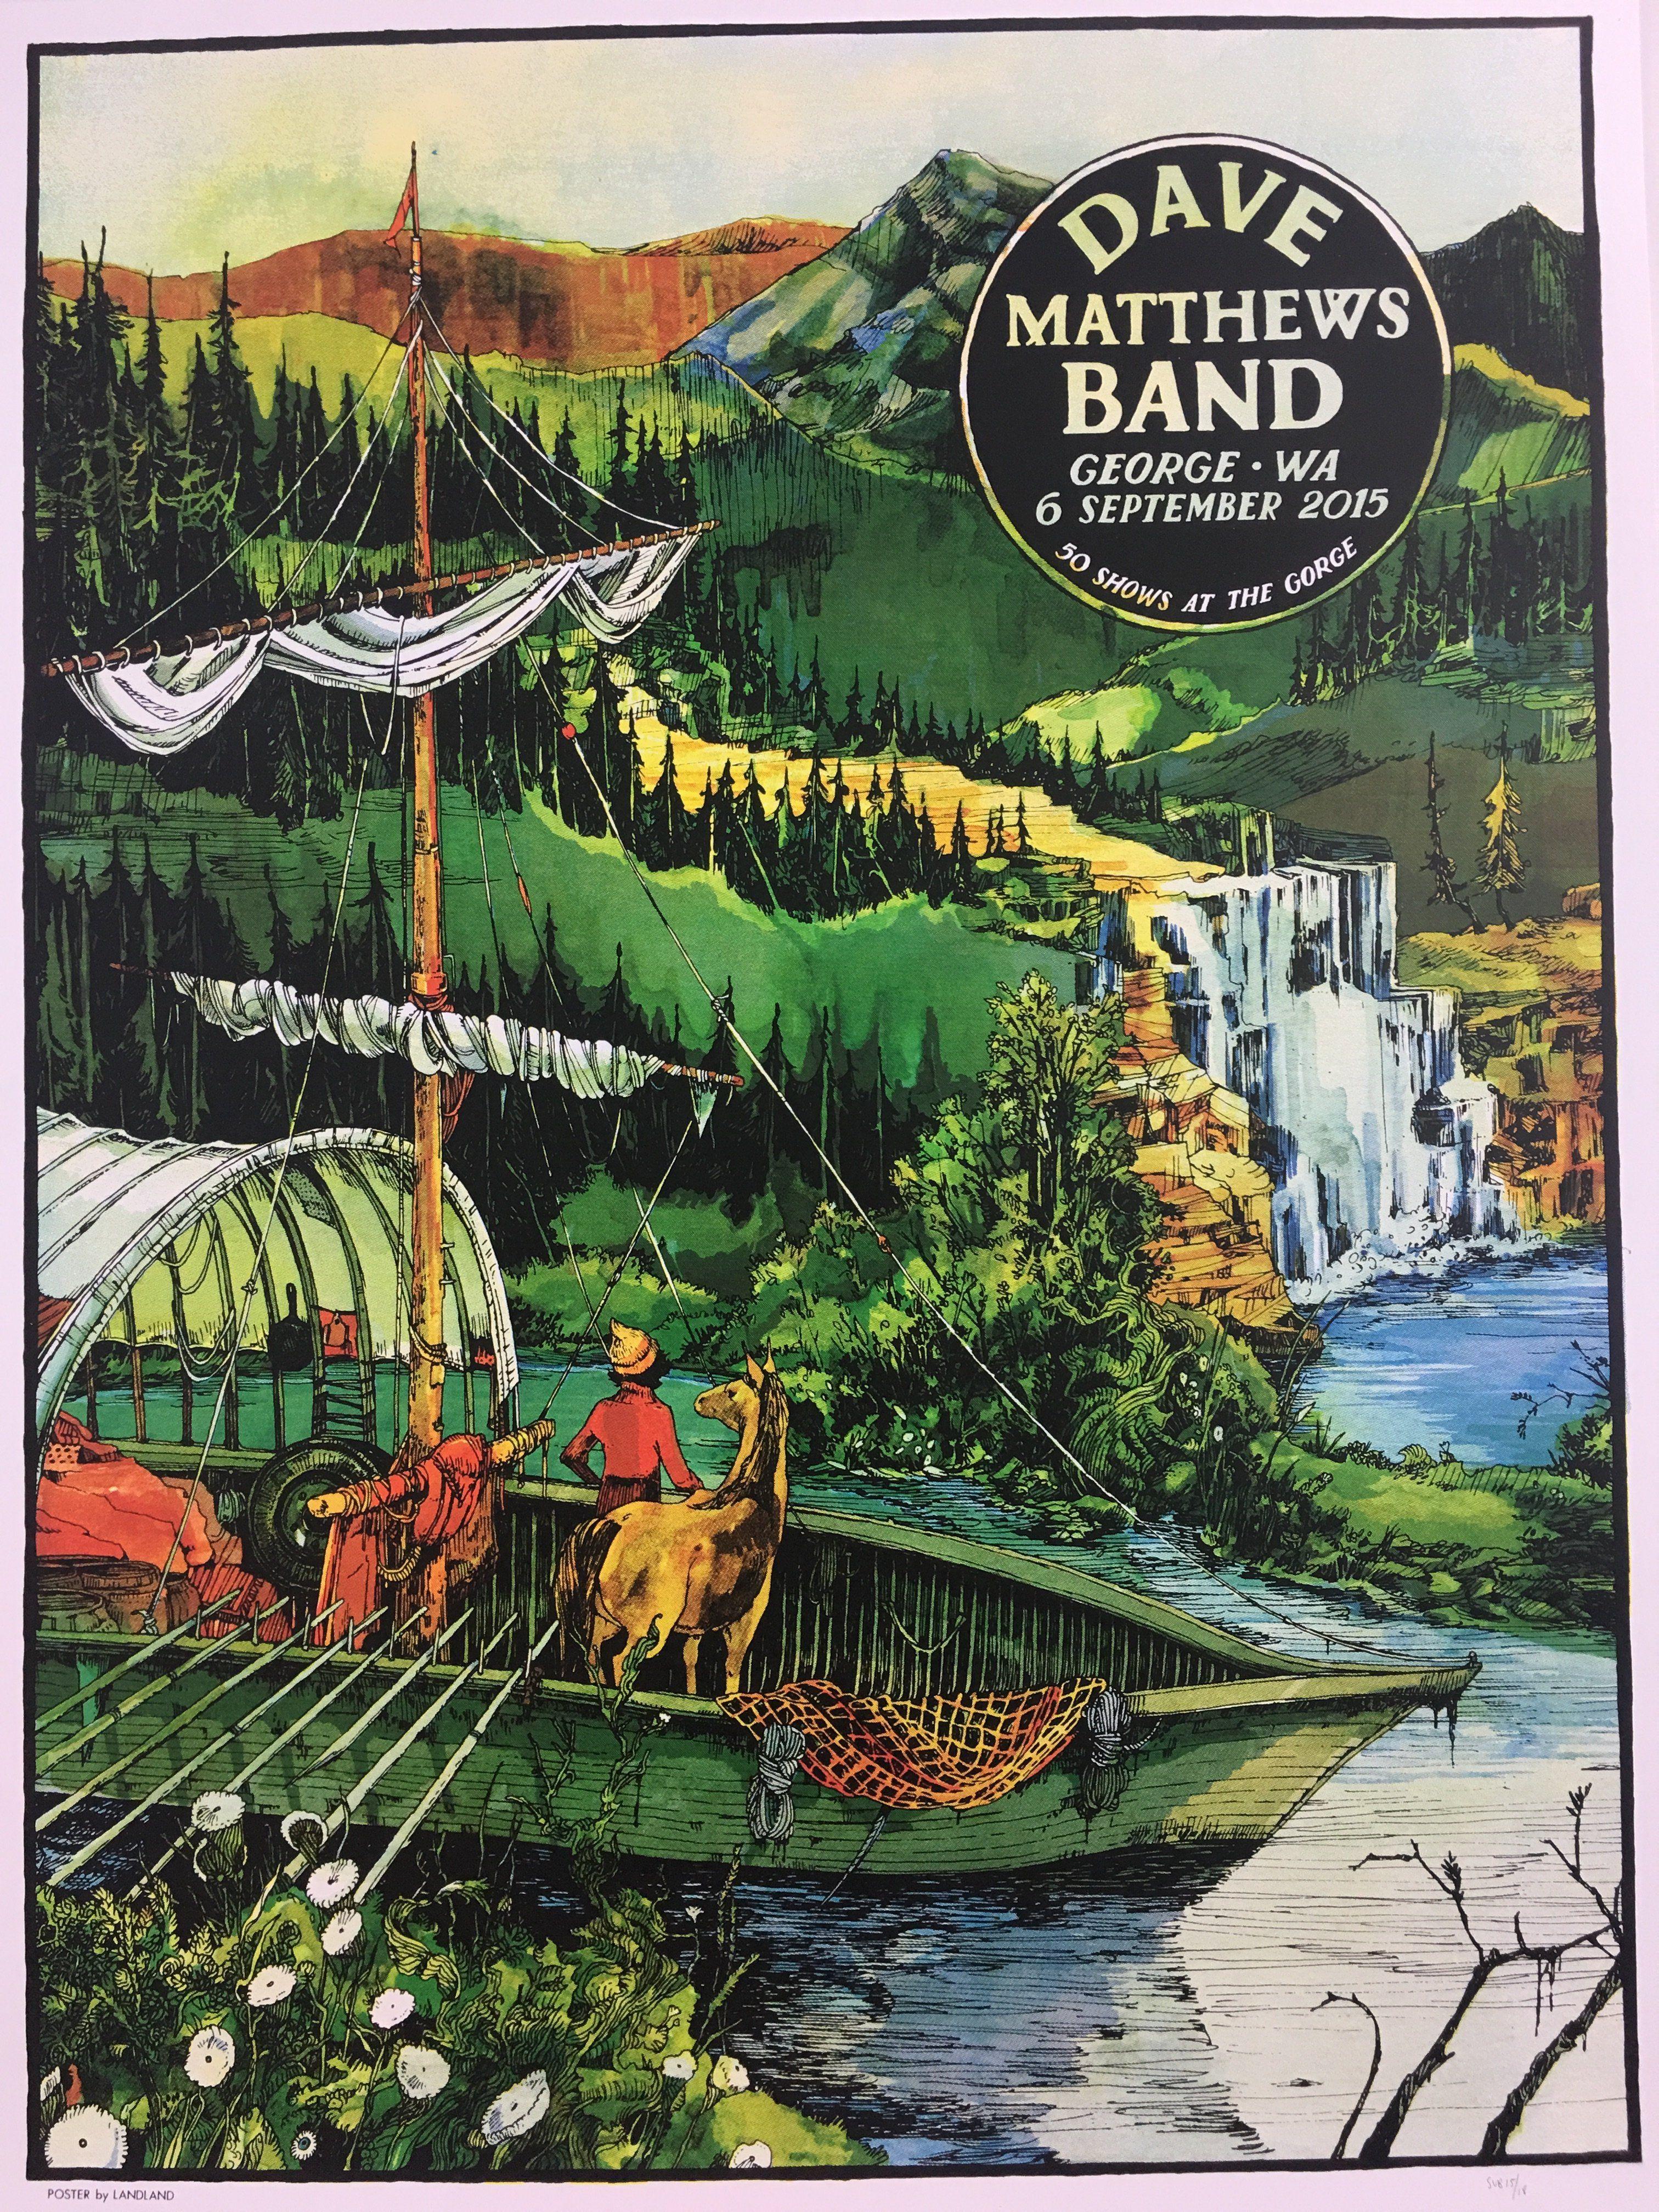 Dave Matthews Band 2015 Landland Poster George Wa Gorge